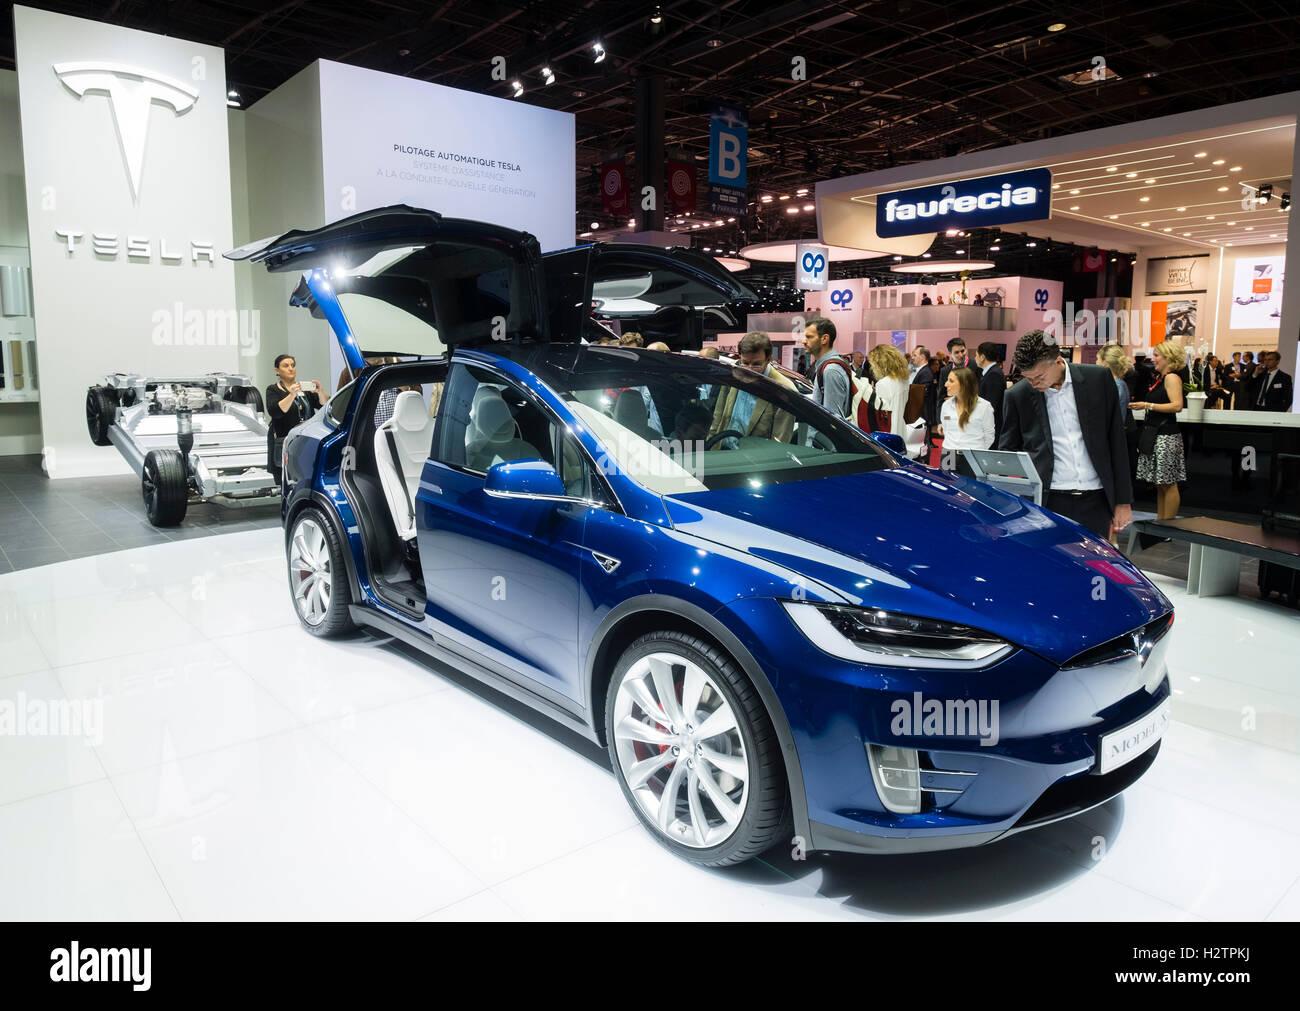 Tesla Model X at Paris Motor Show 2016 - Stock Image